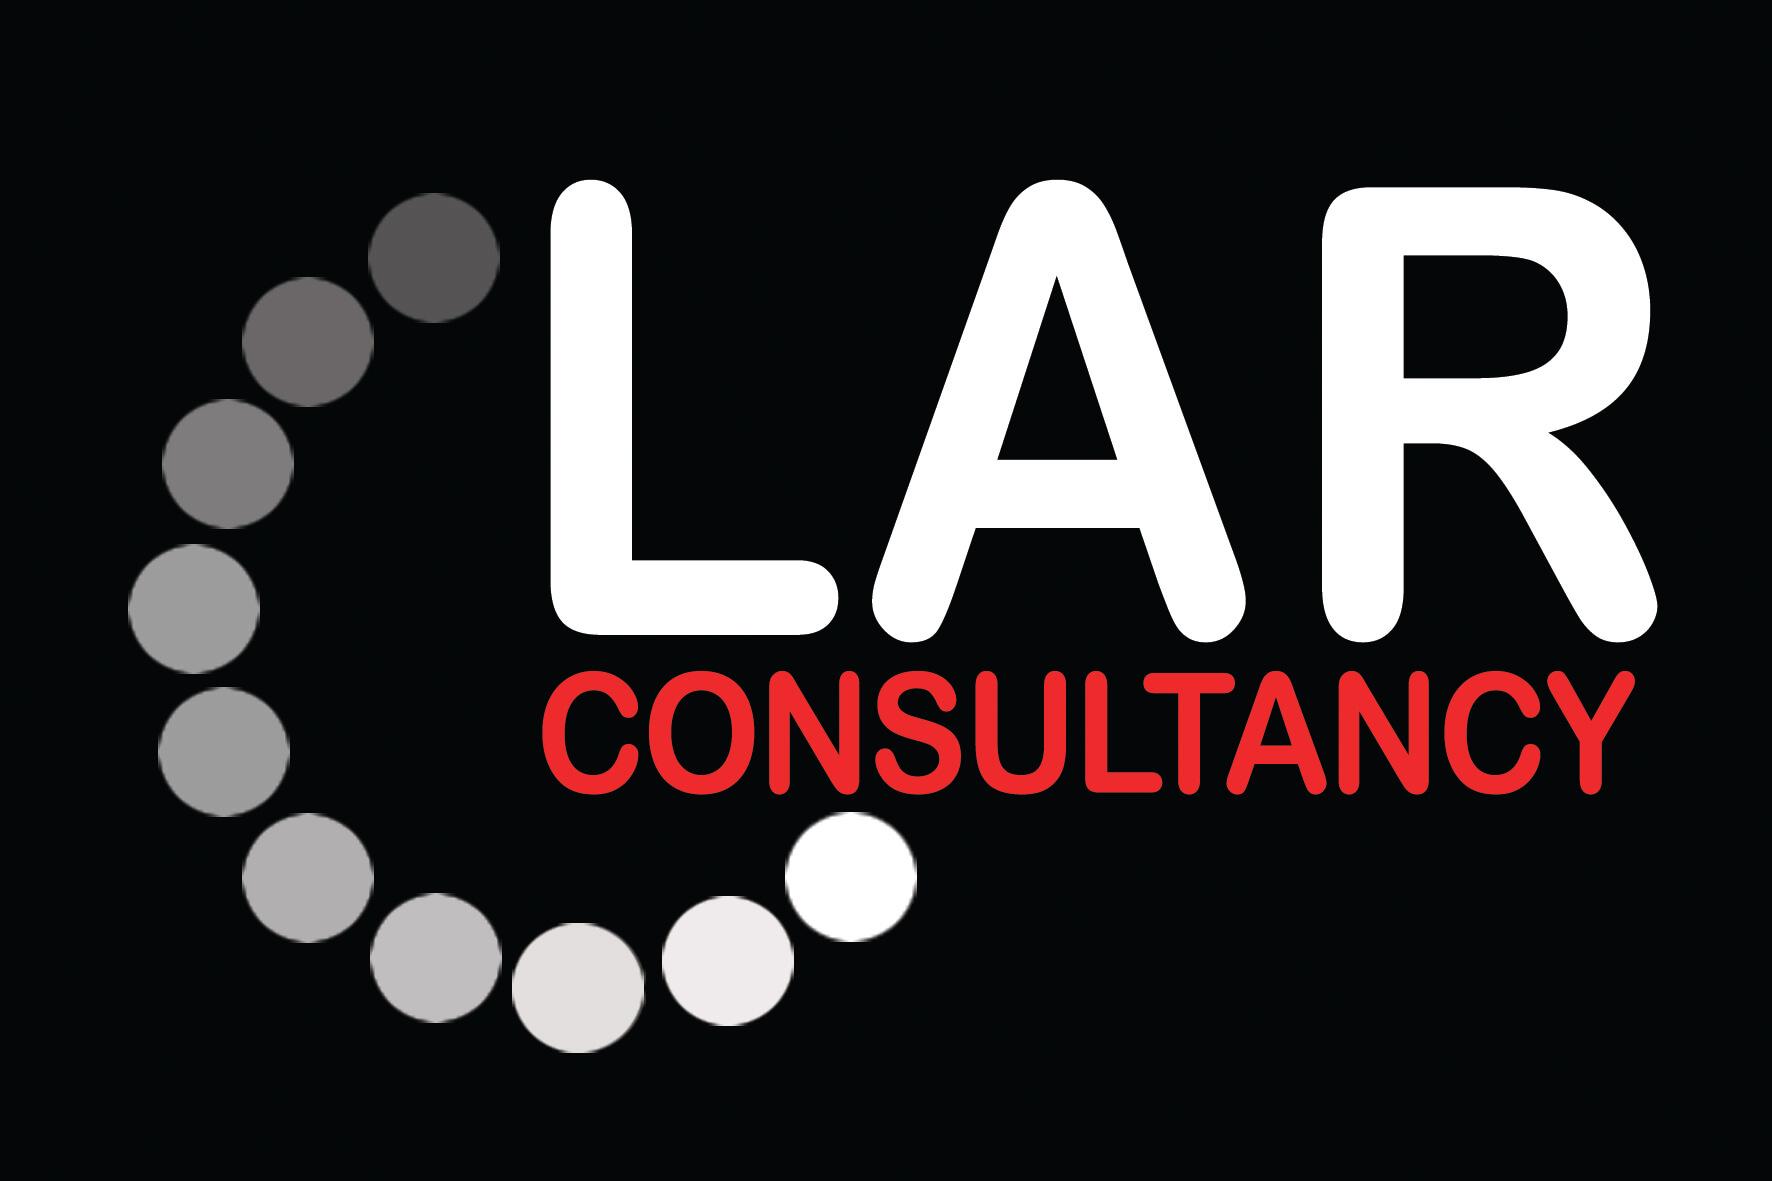 LAR Consultancy Ltd